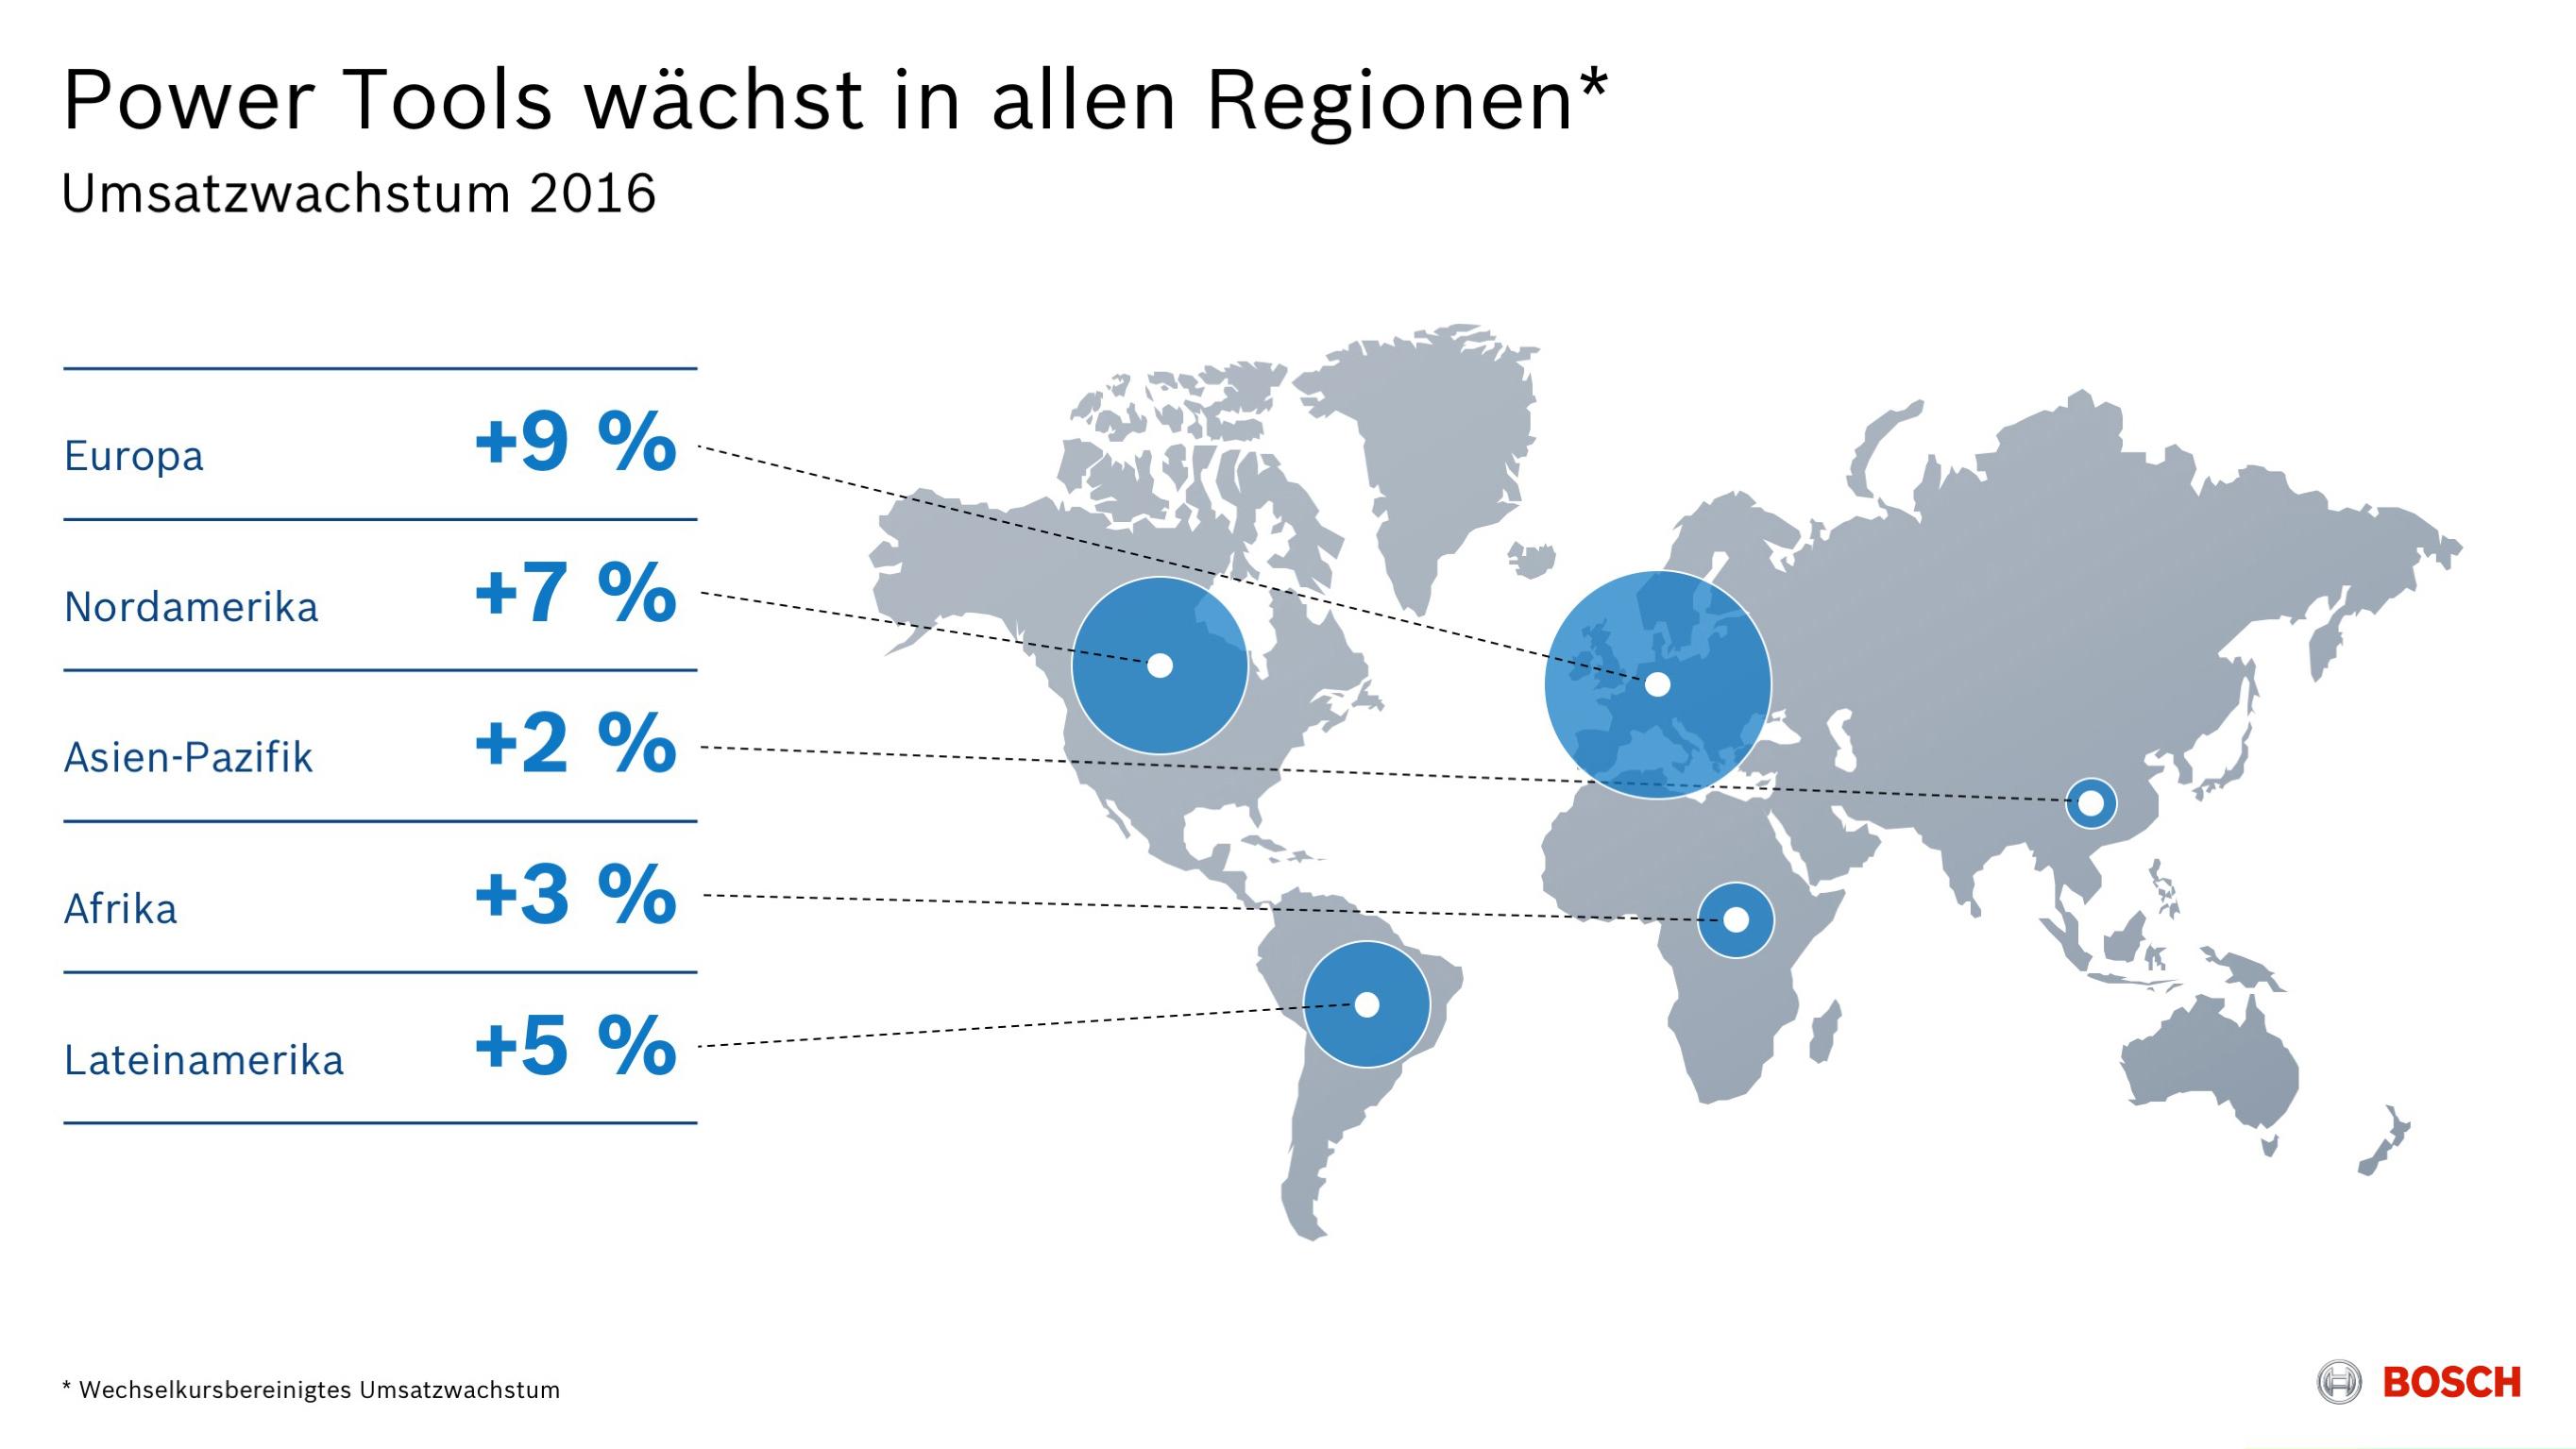 Bosch-Geschäftsbereich Power Tools Wechselkursbereinigtes Umsatzwachstum 2016 nach Regionen